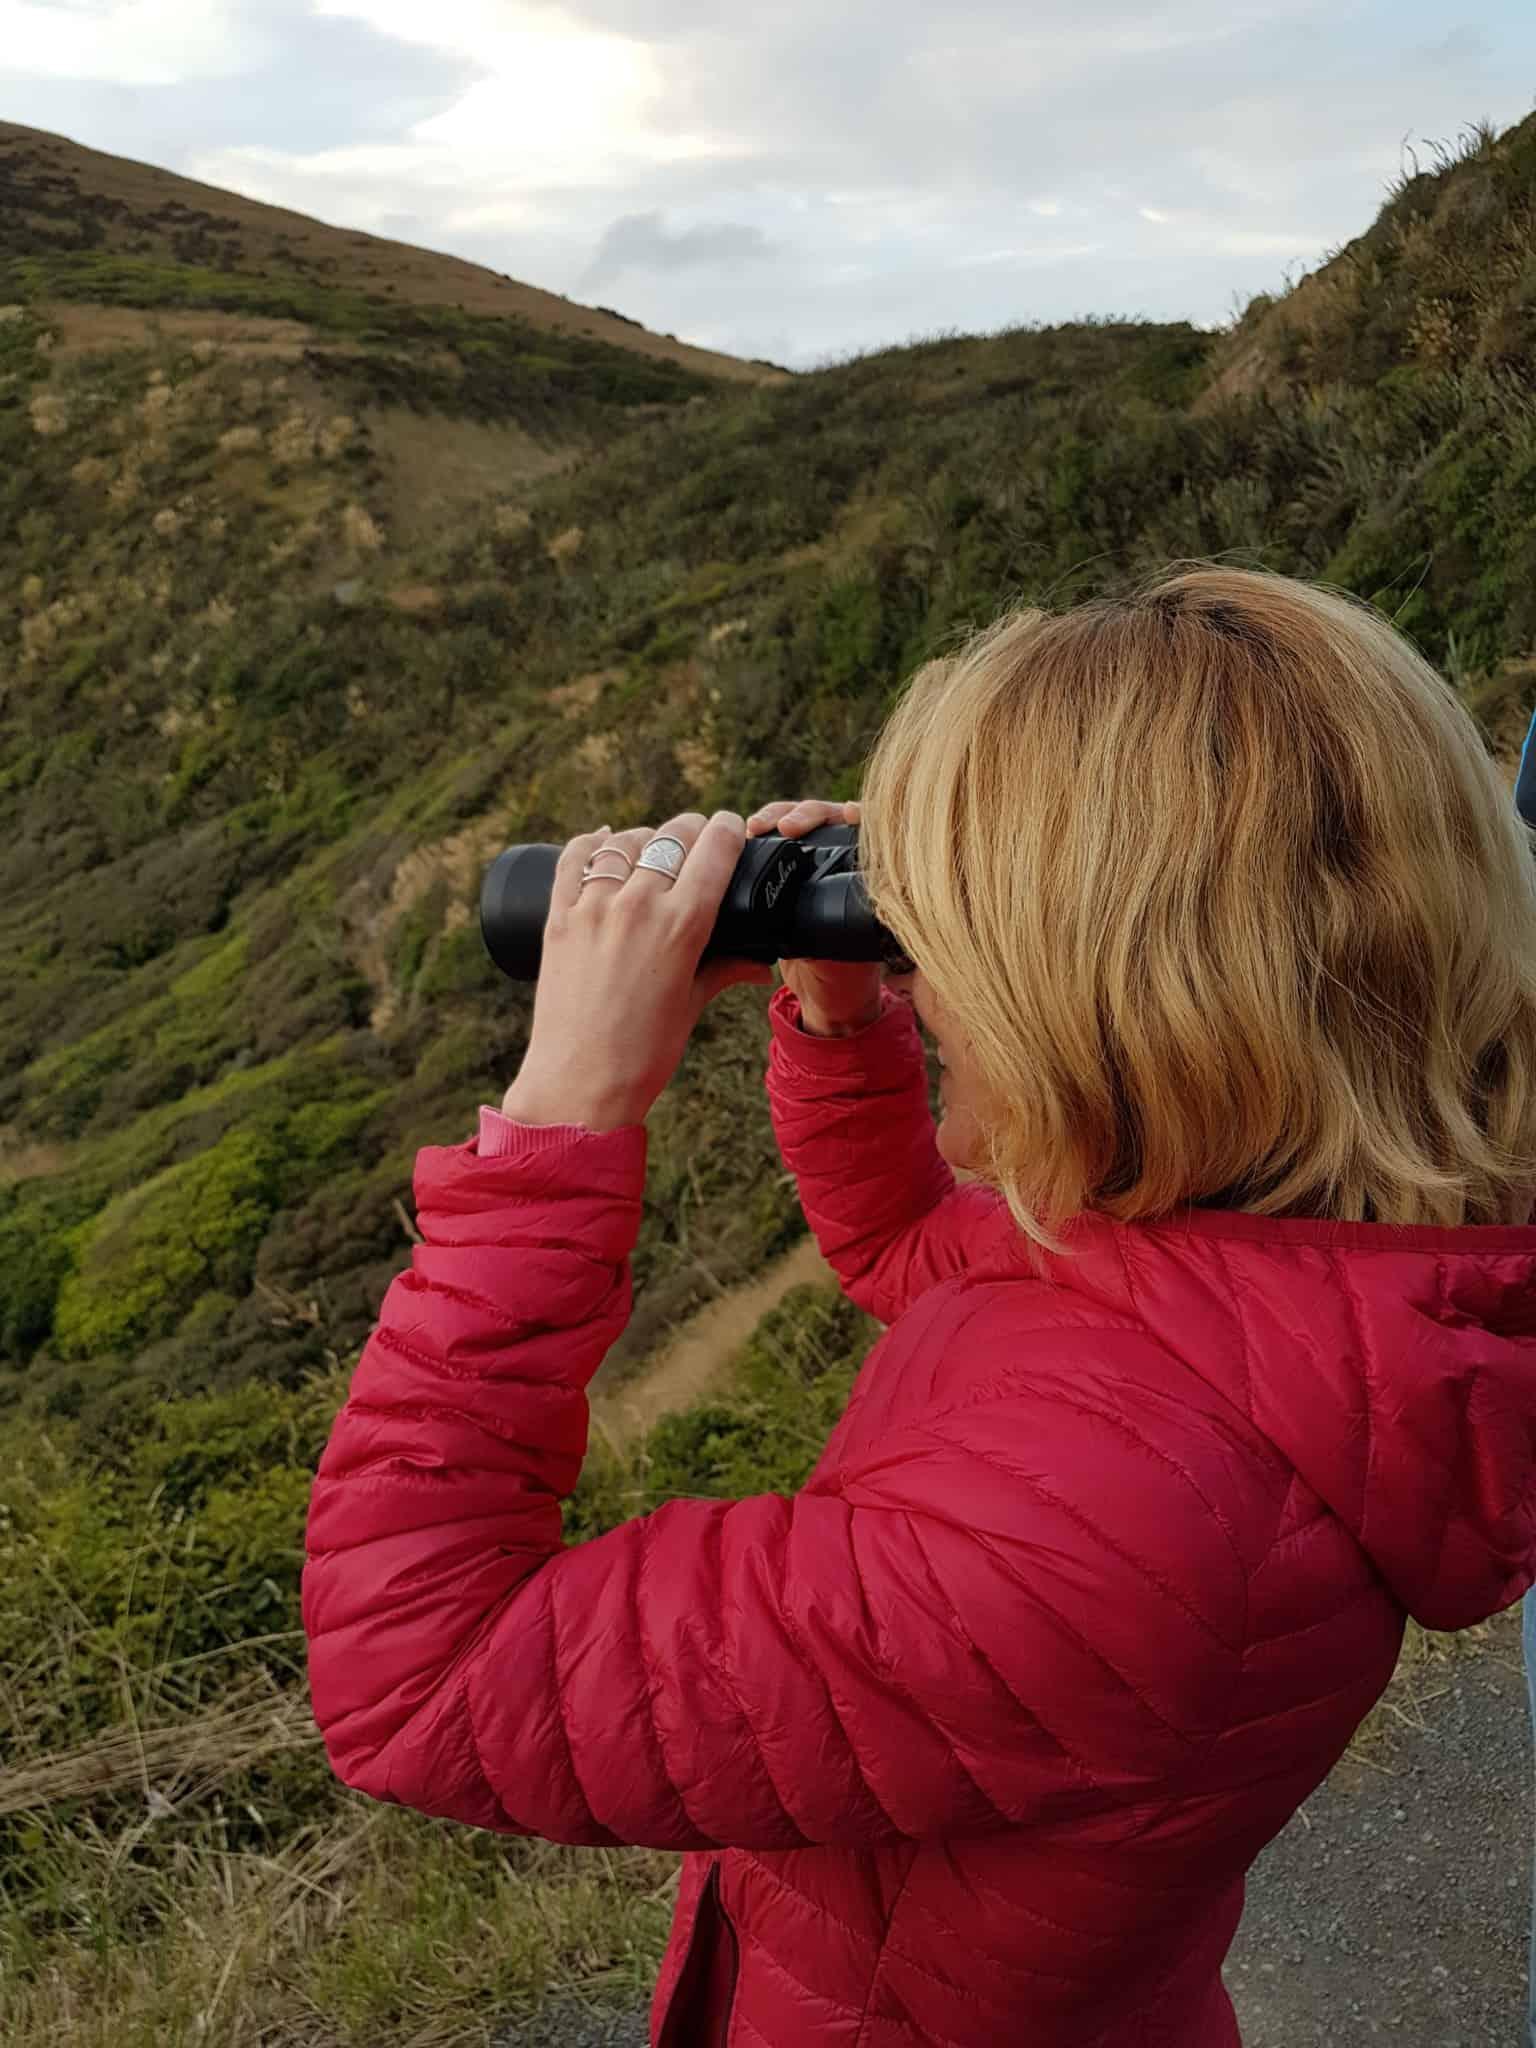 Nouvelle-Zélande, rencontre avec les pingouins aux yeux jaunes 🐧 14